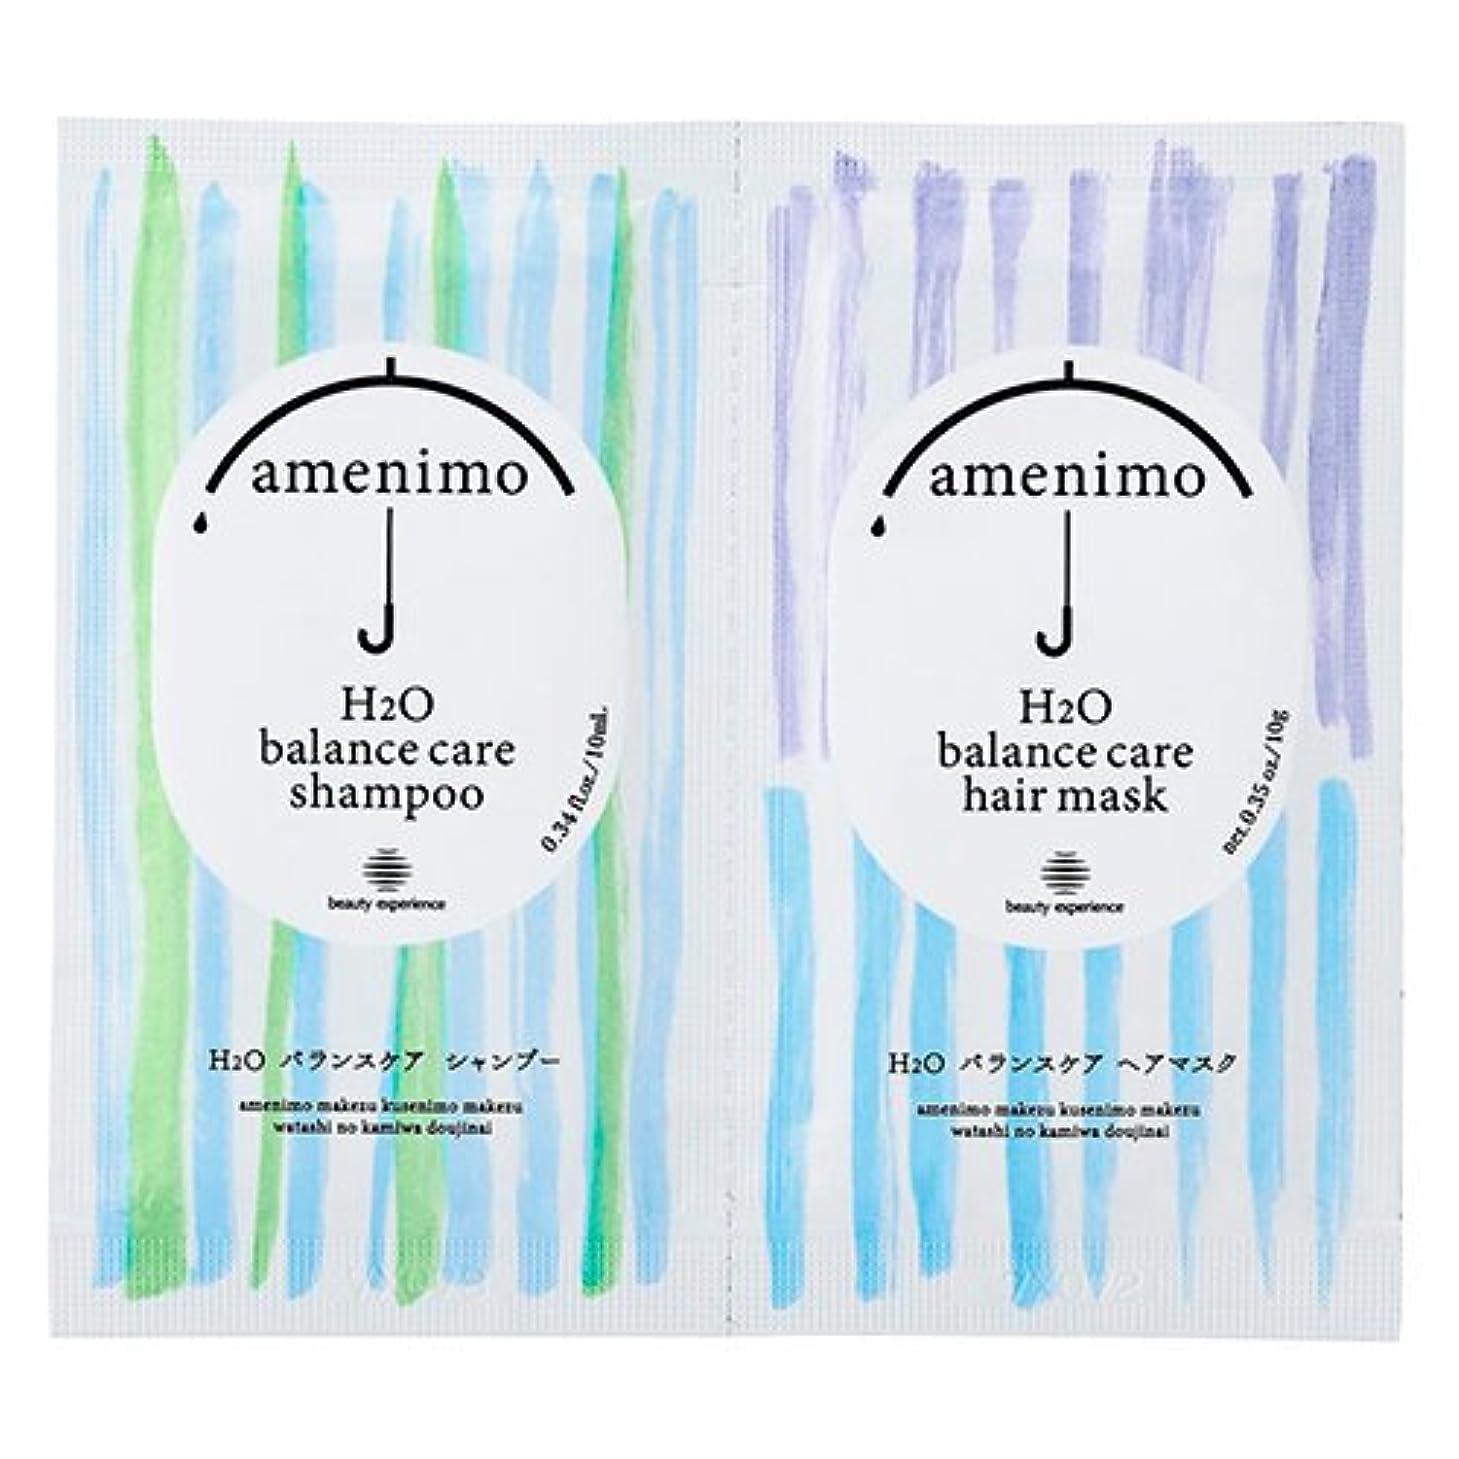 ジェット有名な言い聞かせるamenimo(アメニモ) H2O バランスケア シャンプー&ヘアマスク 1dayお試し 10mL+10g